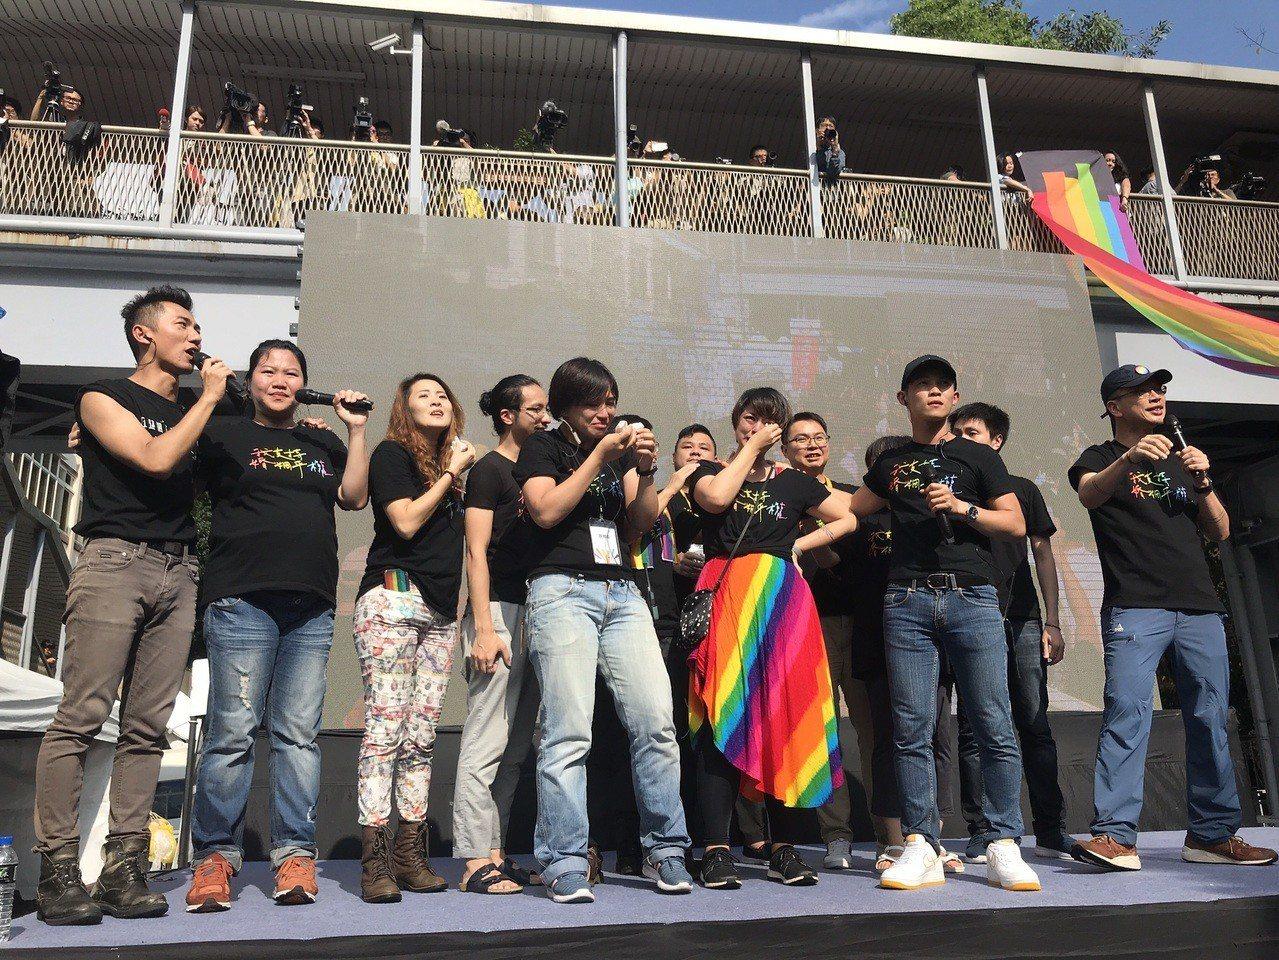 同婚專法三讀通過後,婚姻平權大平台工作人員在舞台上喜極而泣。記者葉冠妤/攝影